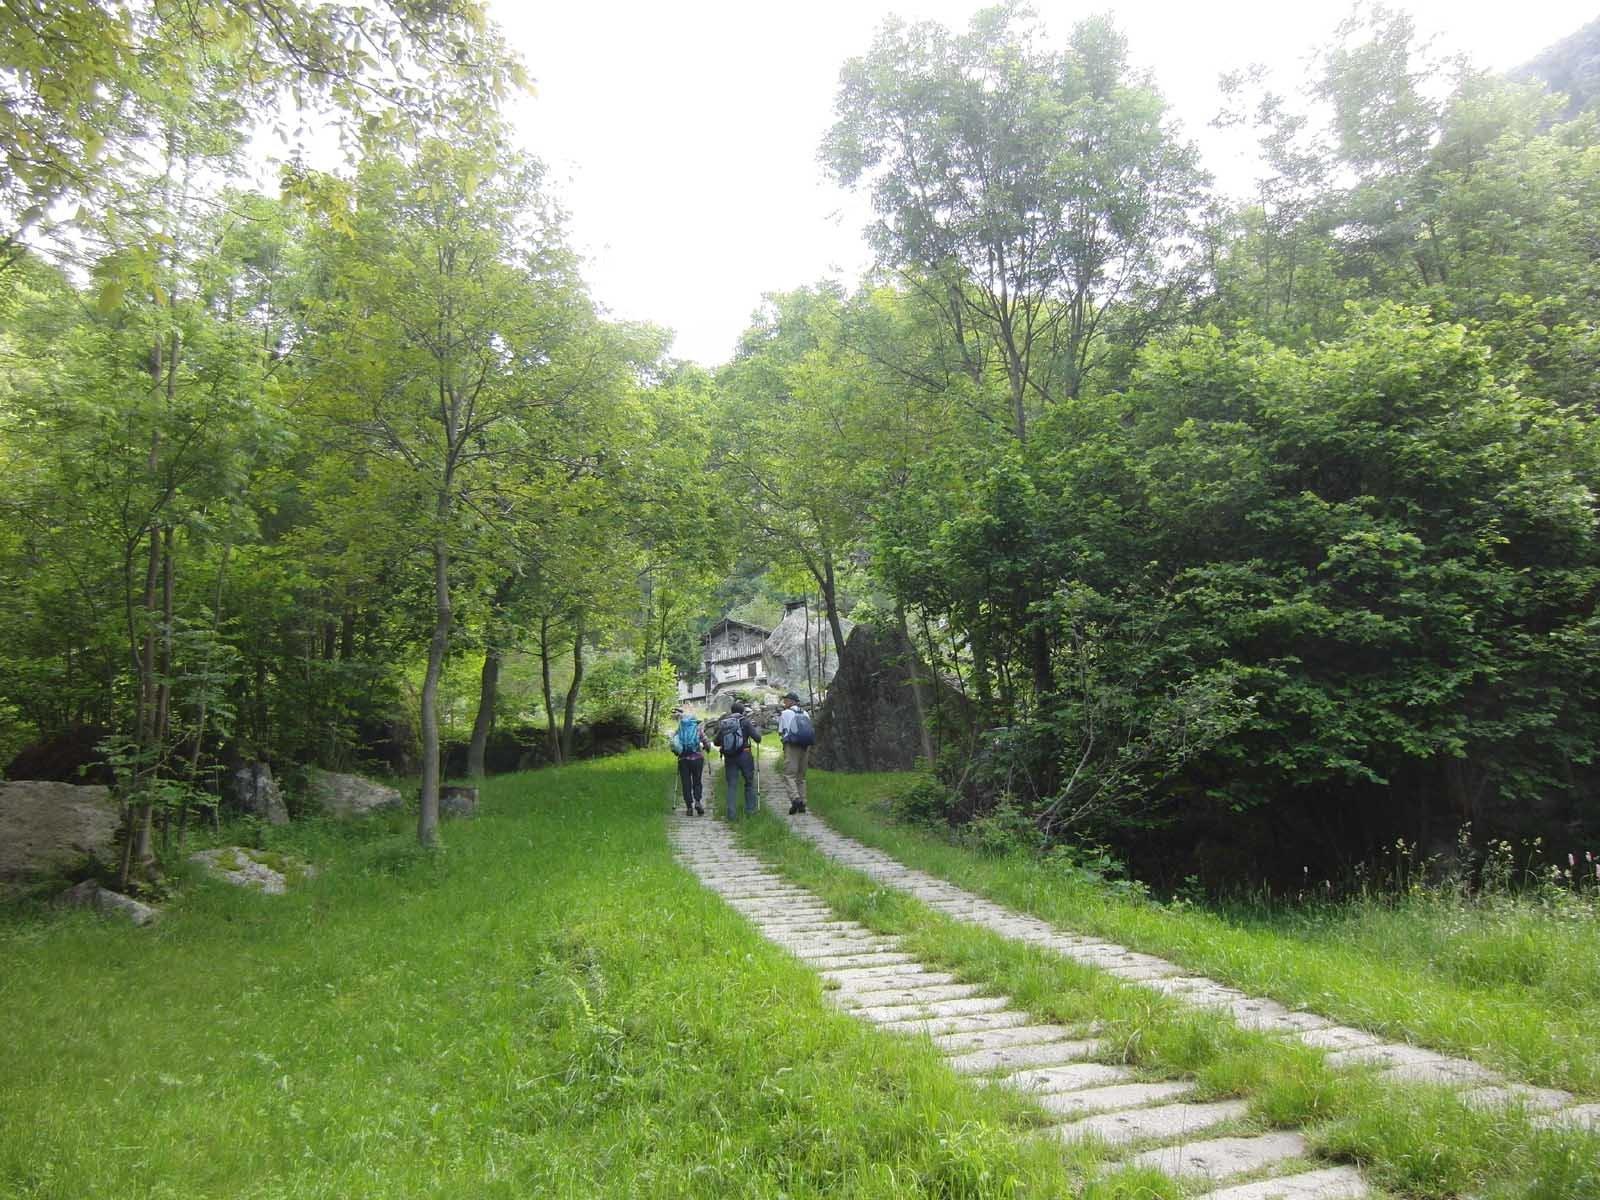 In vista di Rivirin con massicciata di traversine ferroviarie dismesse.